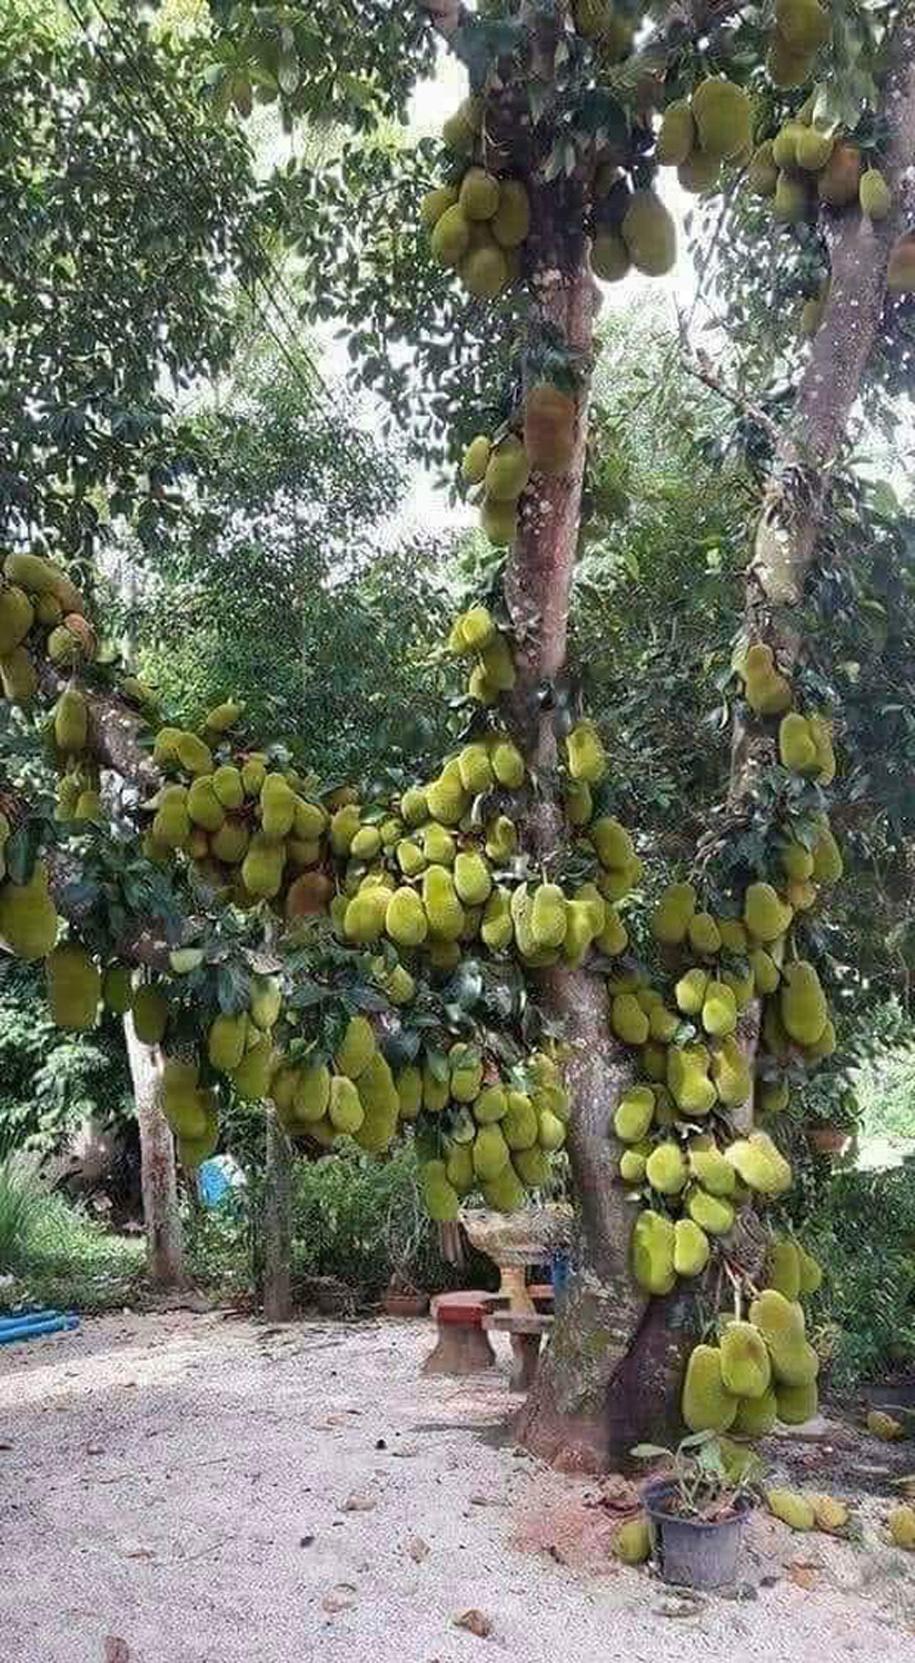 Cận cảnh cây mít trĩu quả.